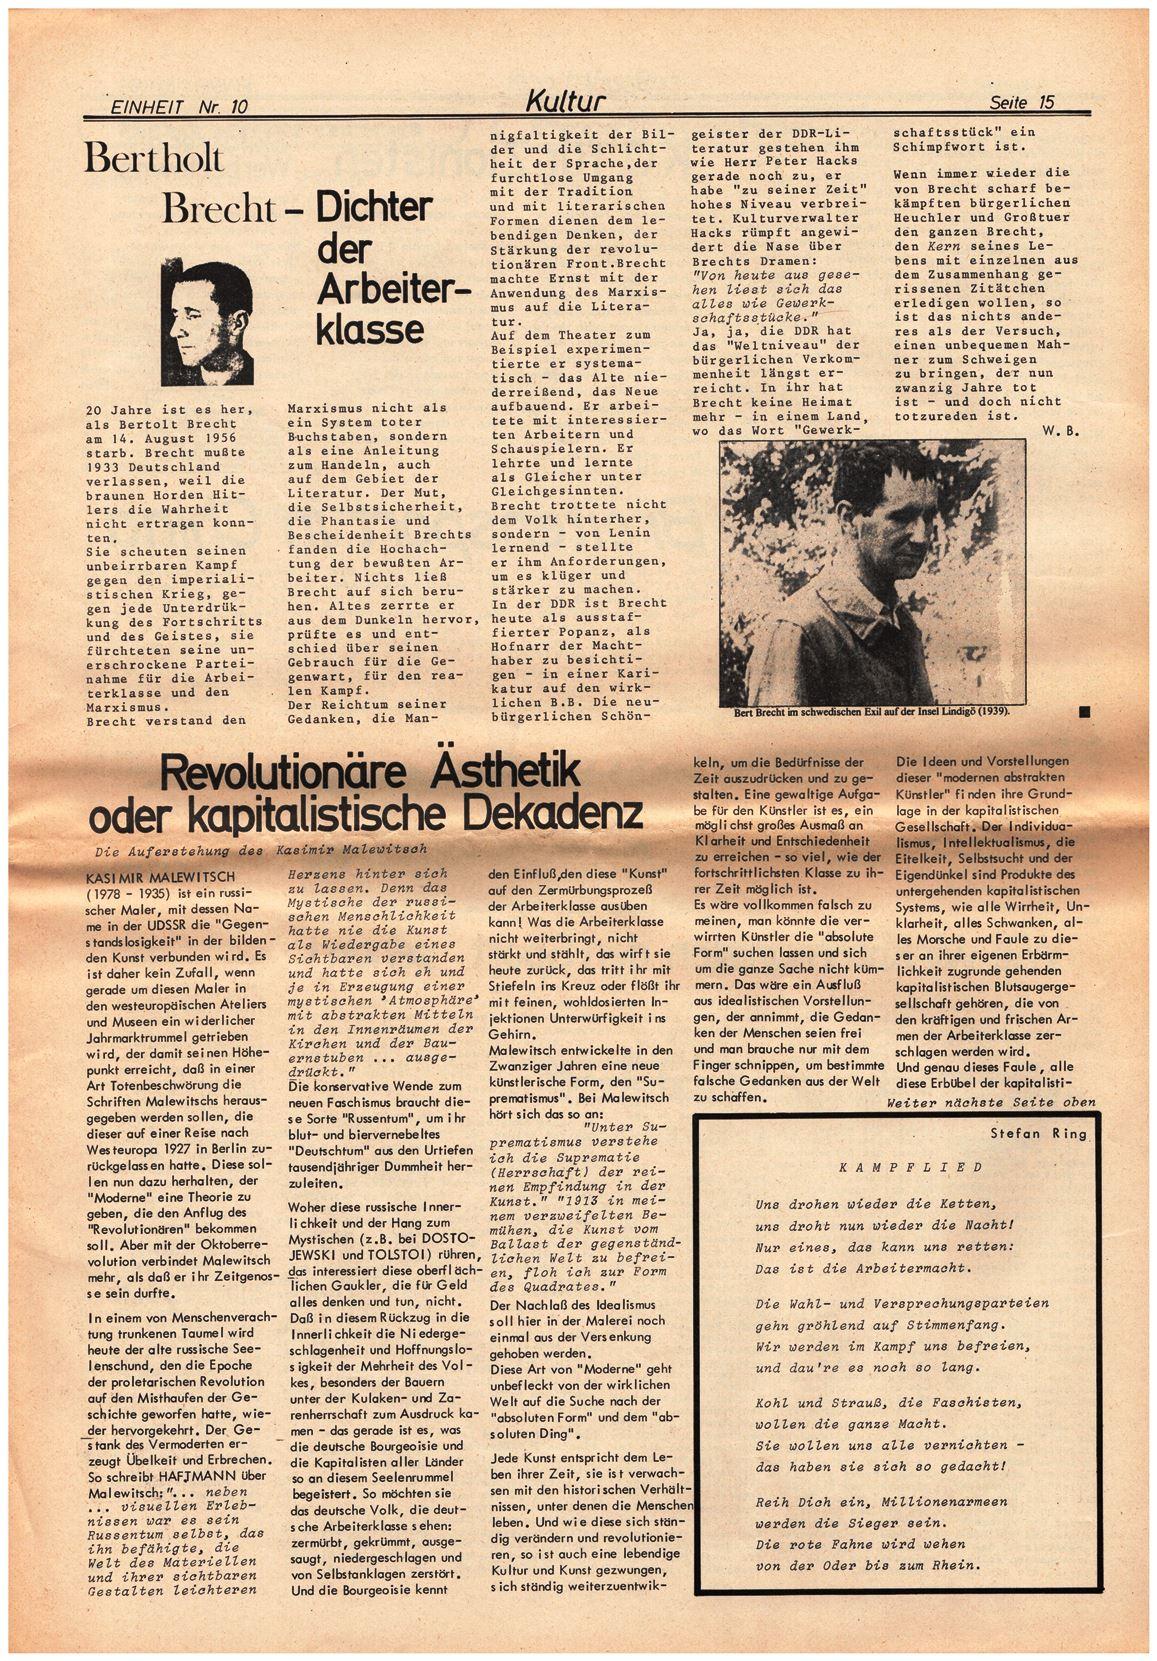 Koeln_IPdA_Einheit_1976_010_015